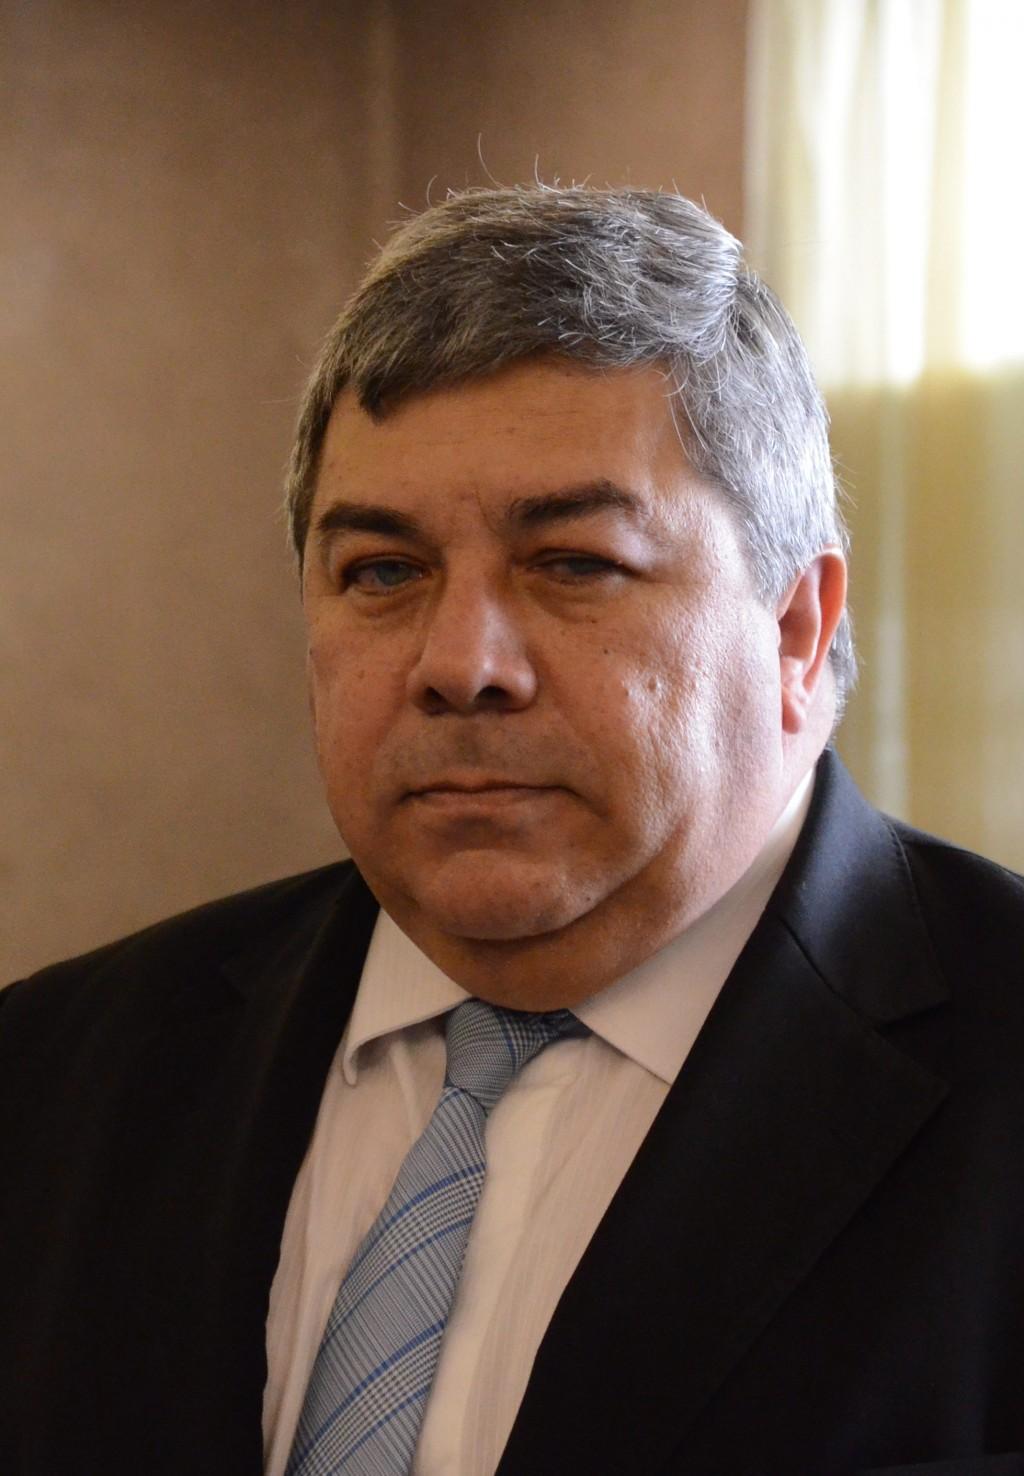 Fuerzas Armadas en Seguridad Interior: 'Estamos volviendo a la redacción original'